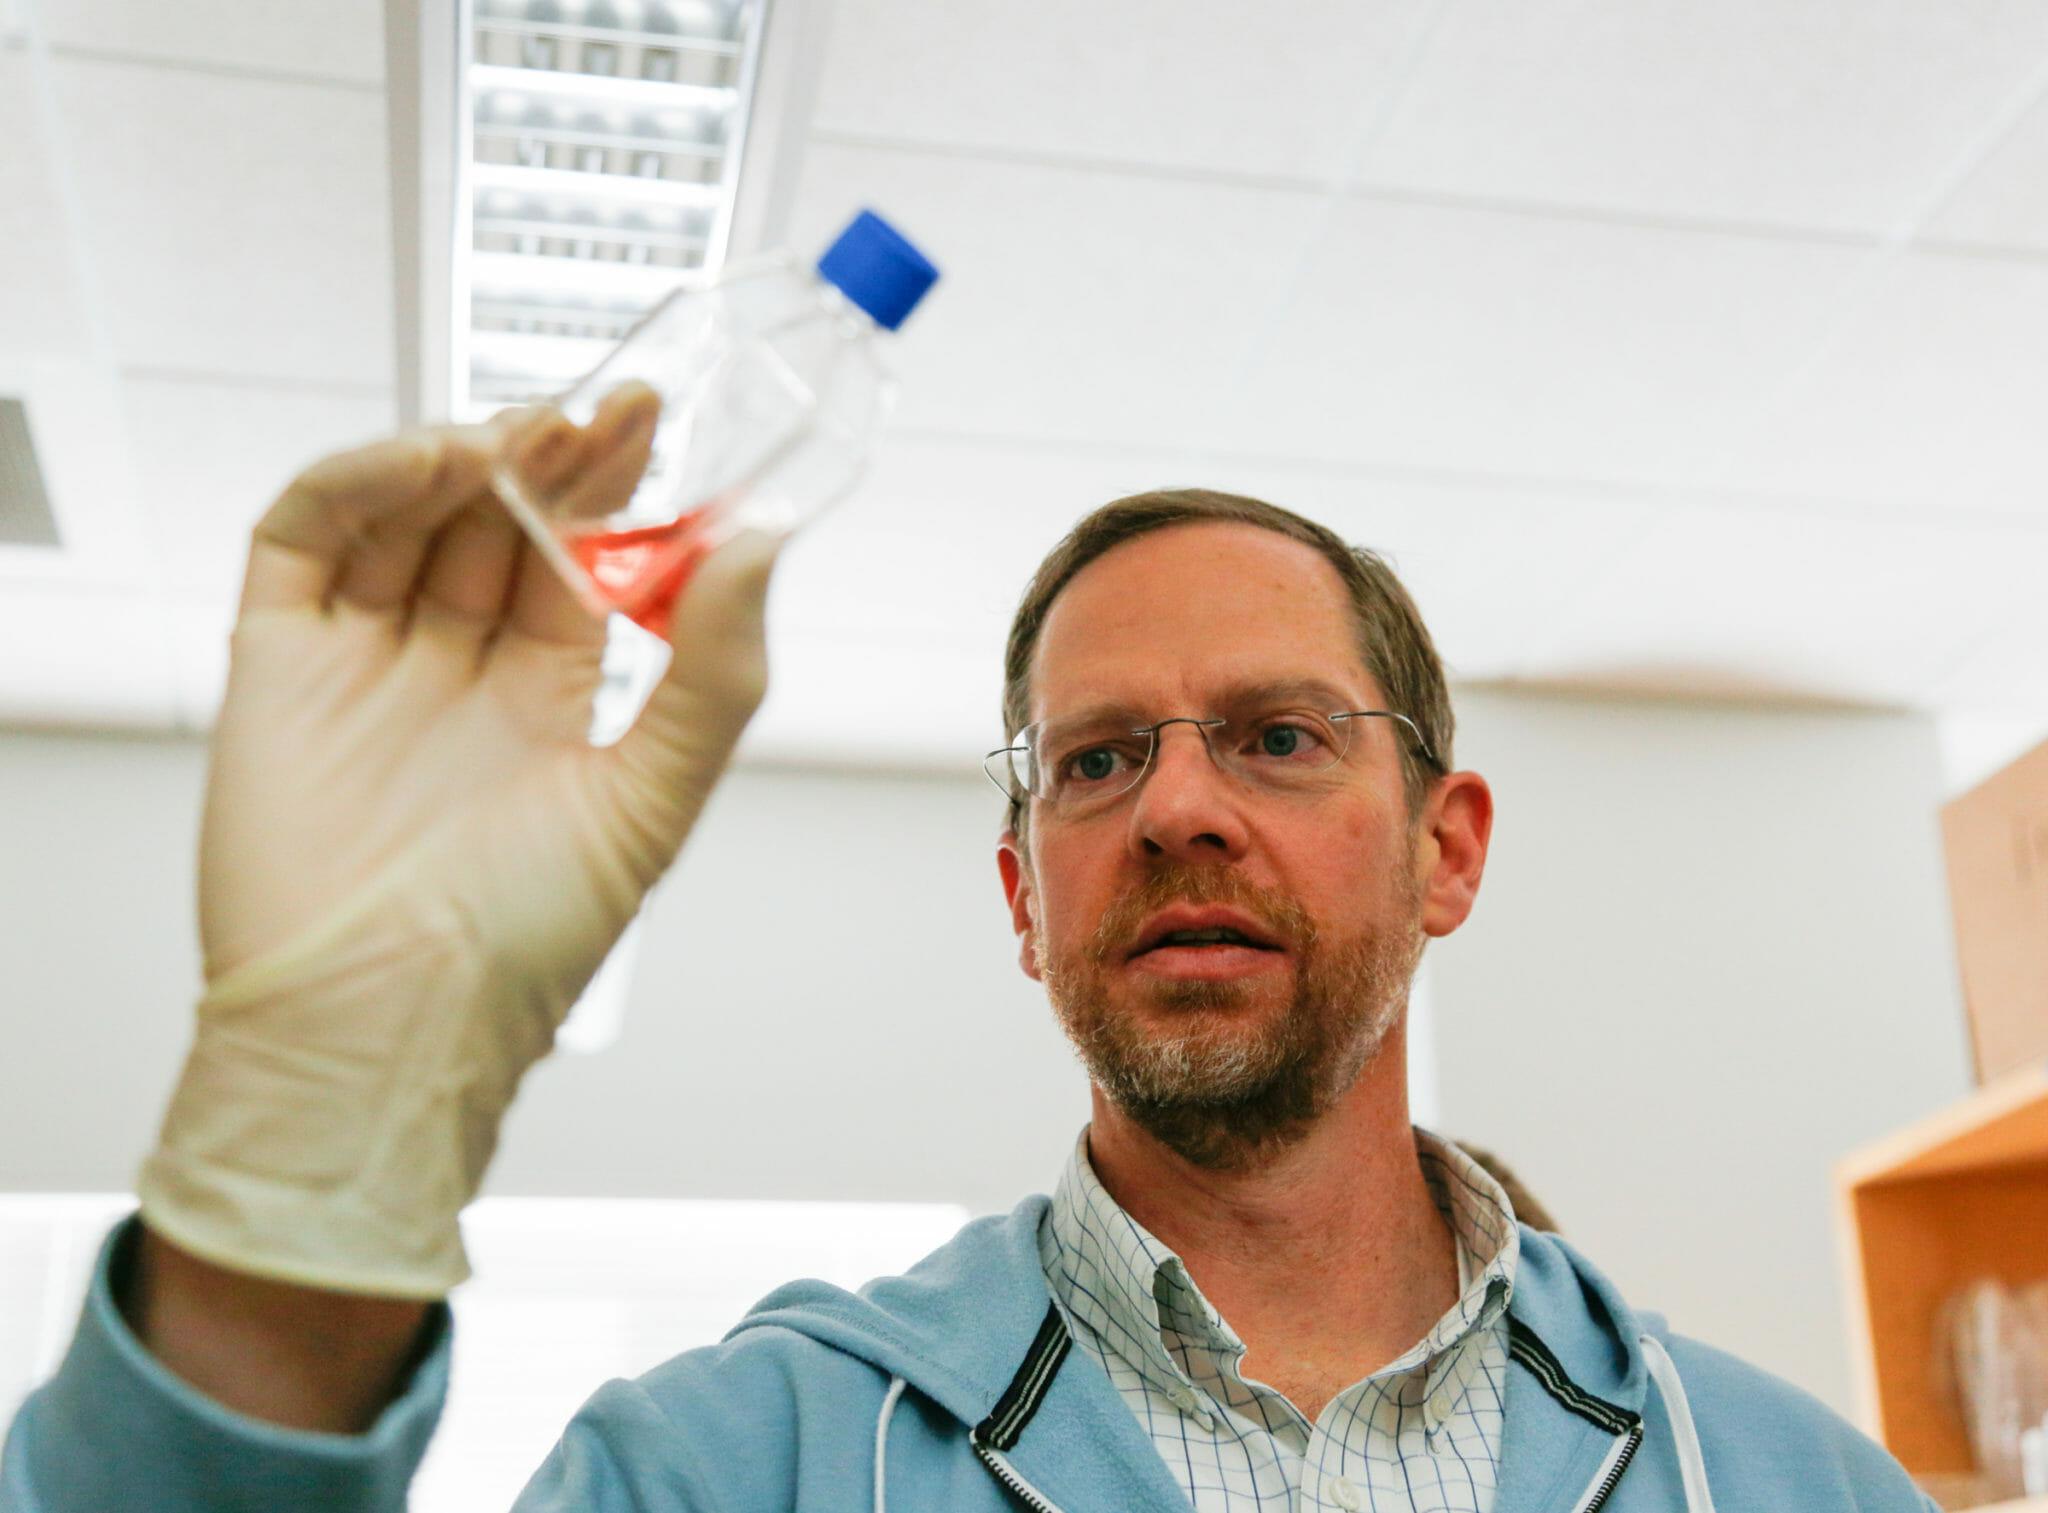 Dr. David Gamm examining sample